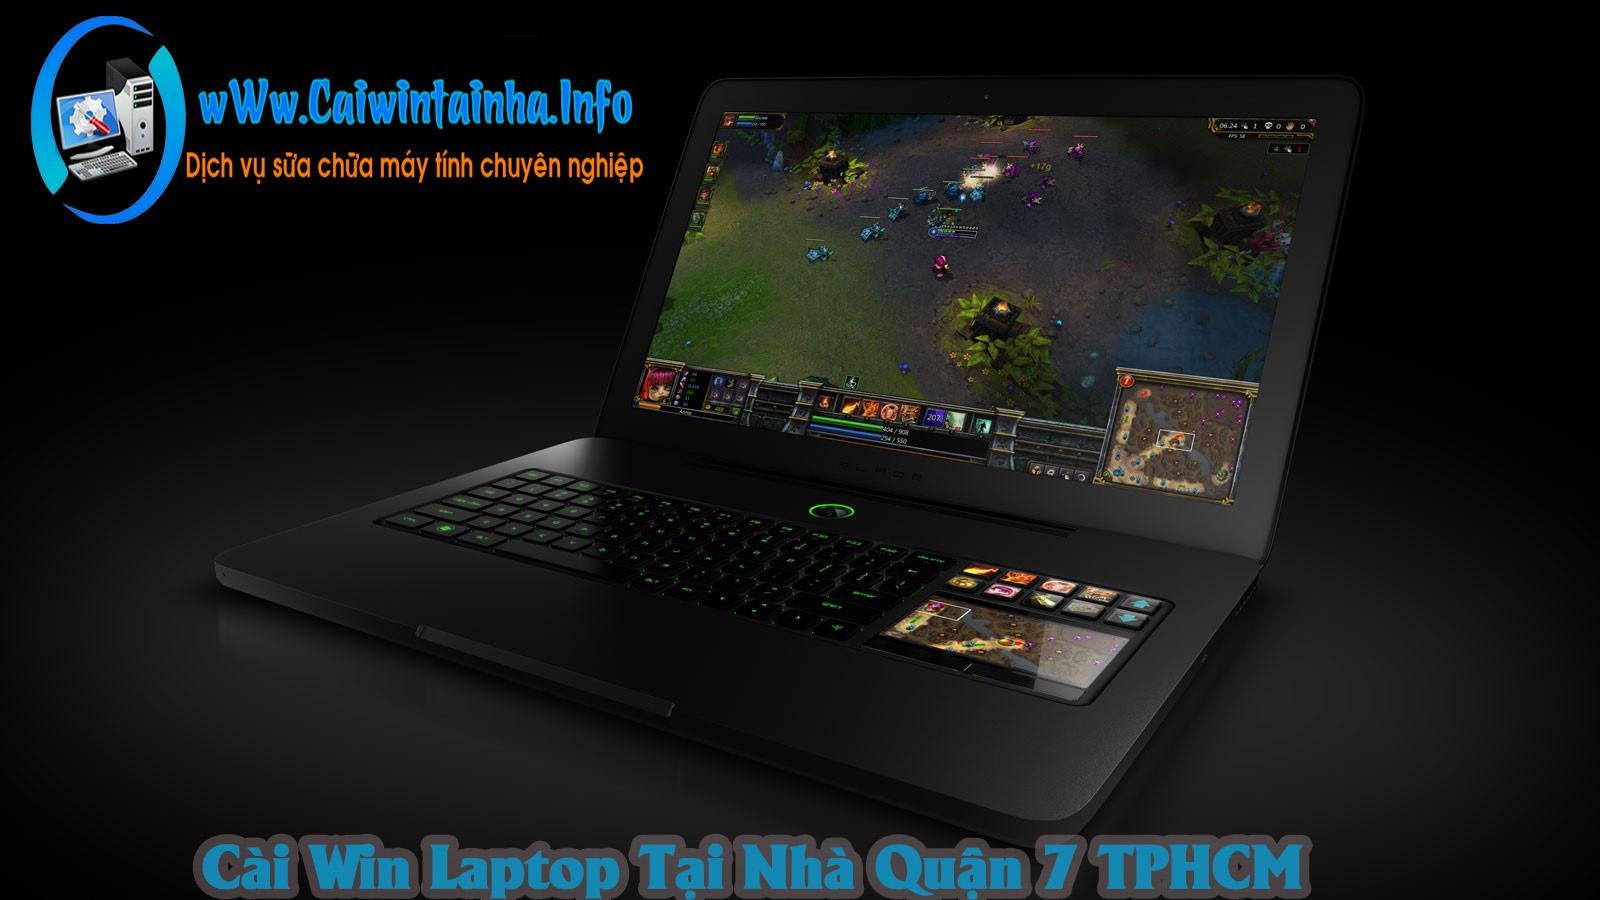 Cài Win Laptop Tại Nhà Quận 7 TPHCM